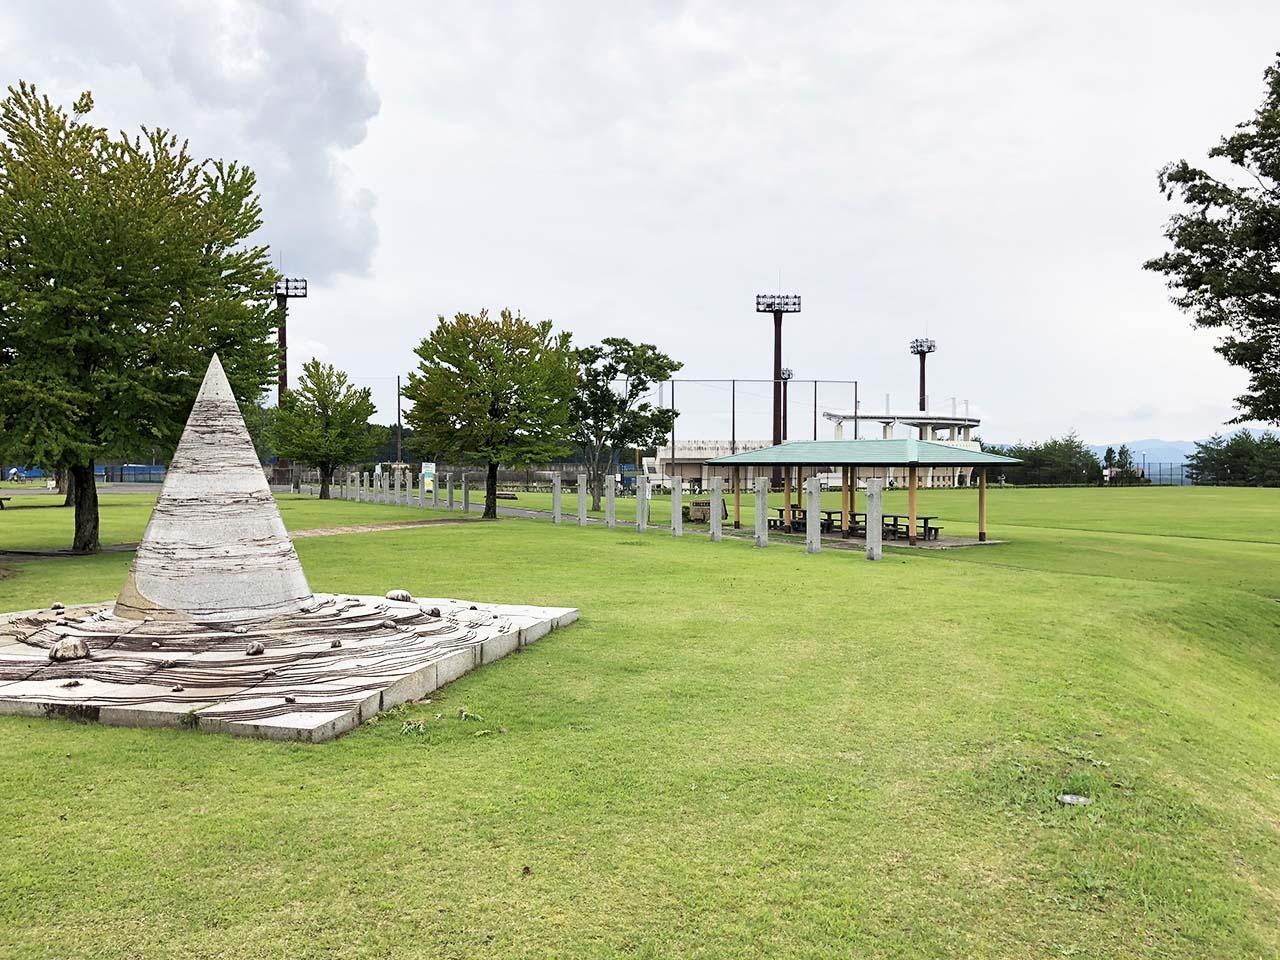 子供と遊ぶ公園中津川市の中津川公園の多目的芝生広場の休憩所